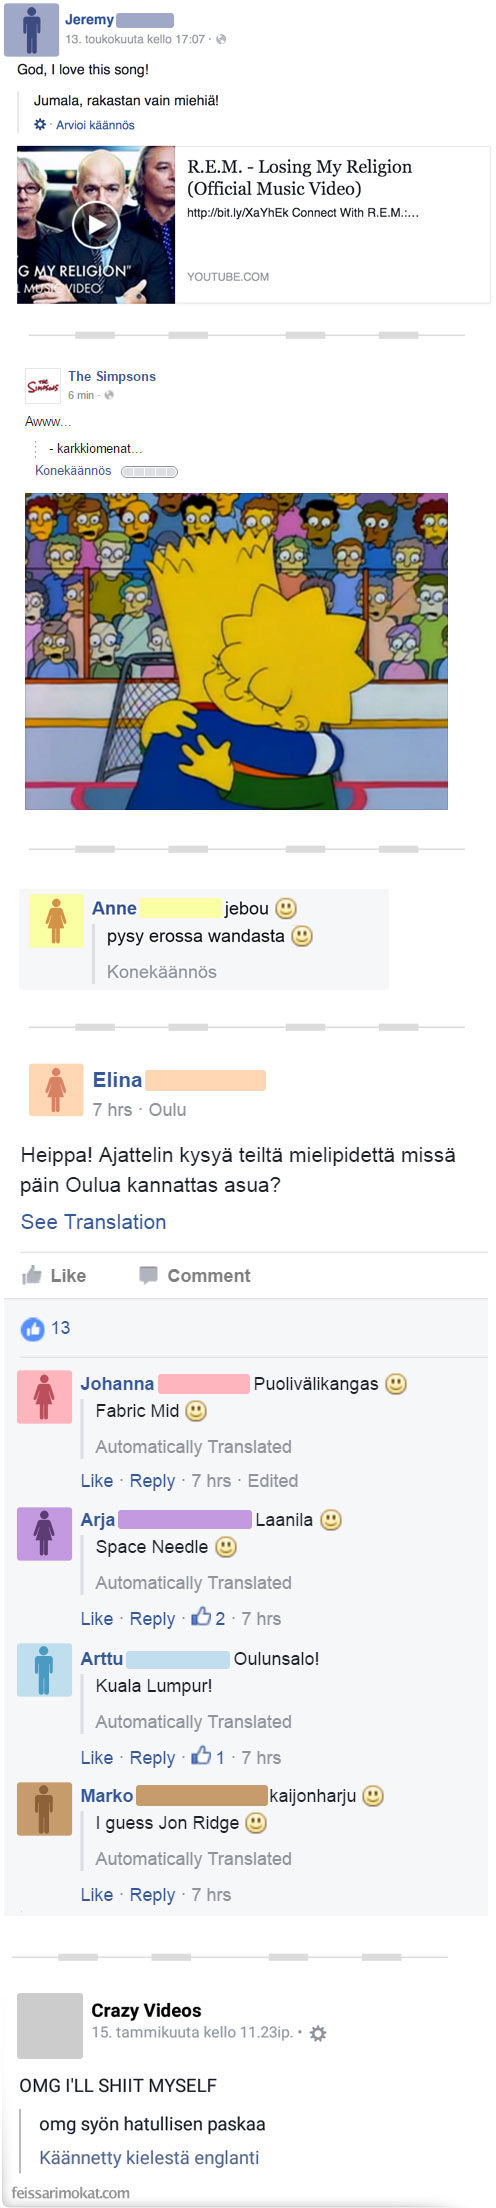 Bing kääntää, osa 10